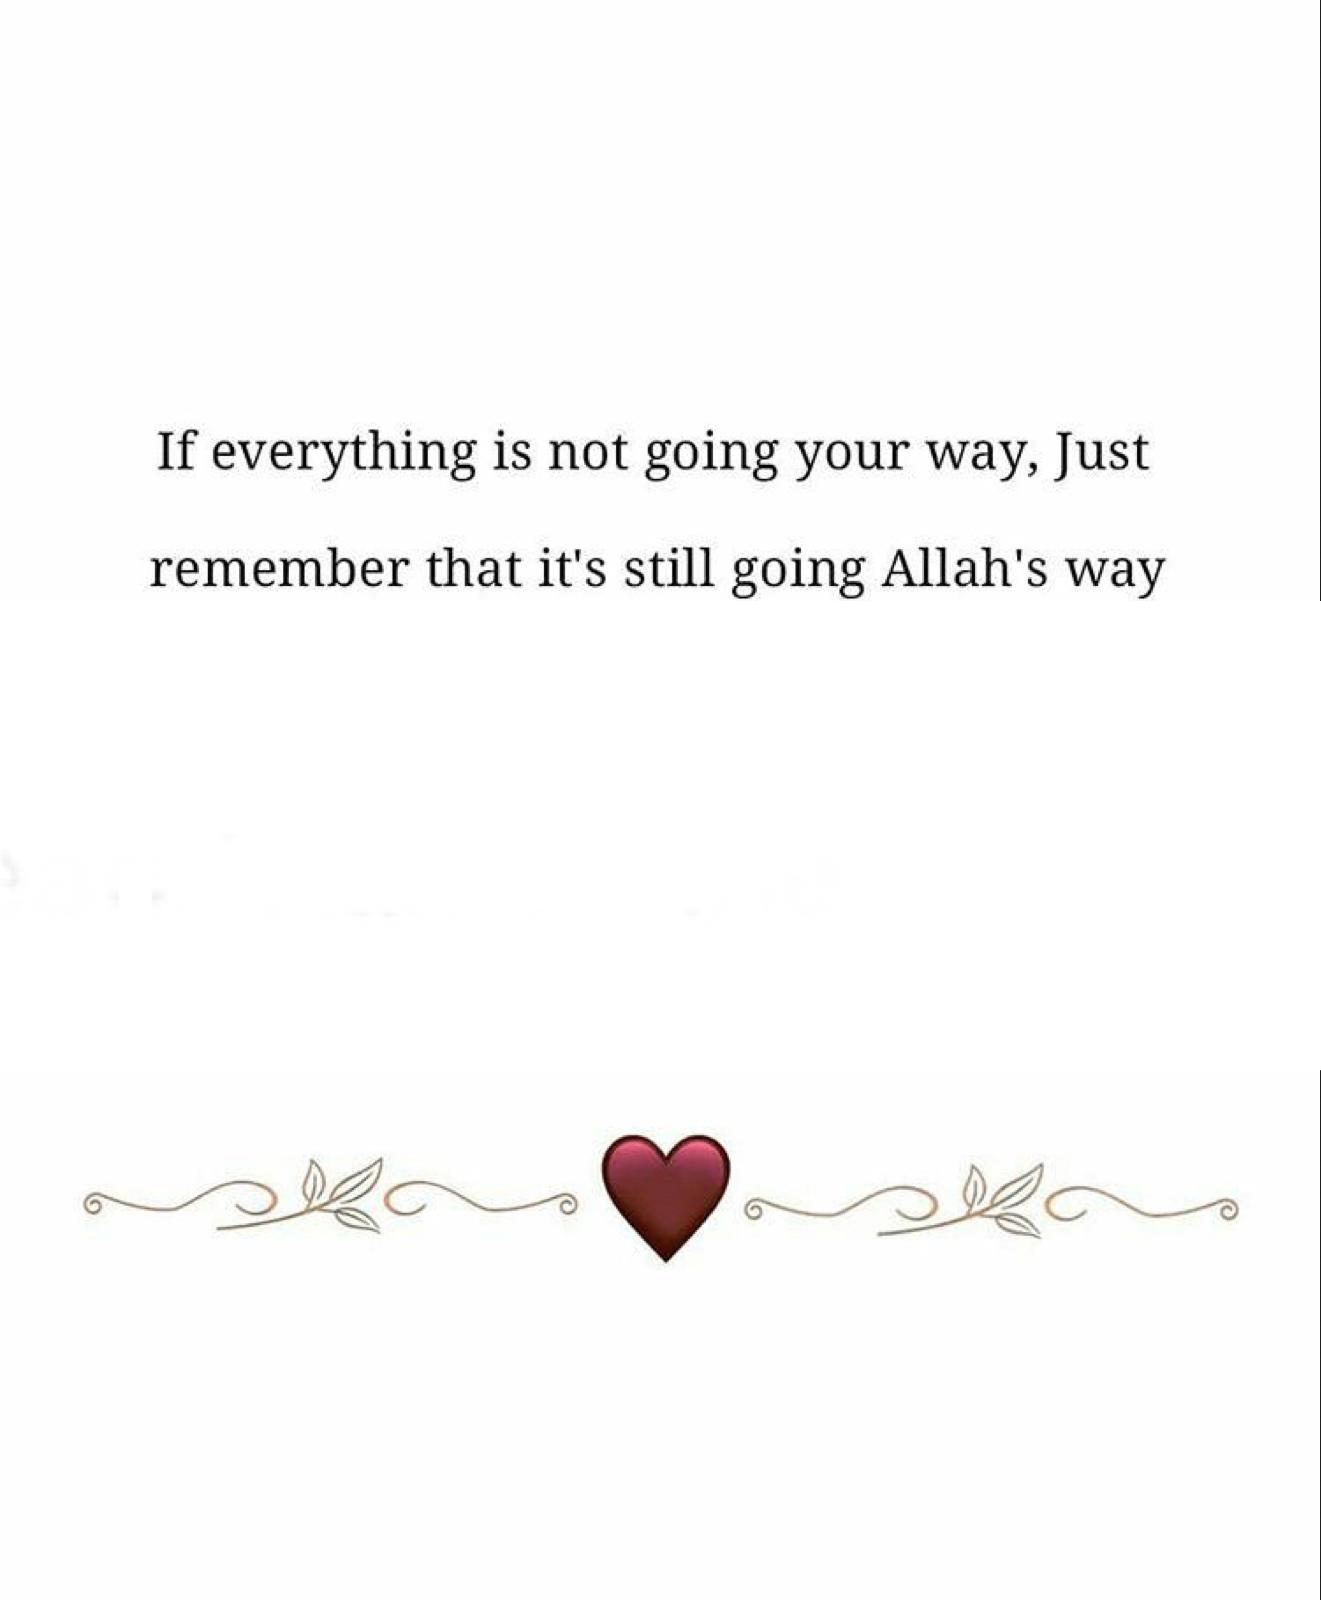 Mahek Khatri Quran Quotes Islamic Quotes Muslim Quotes